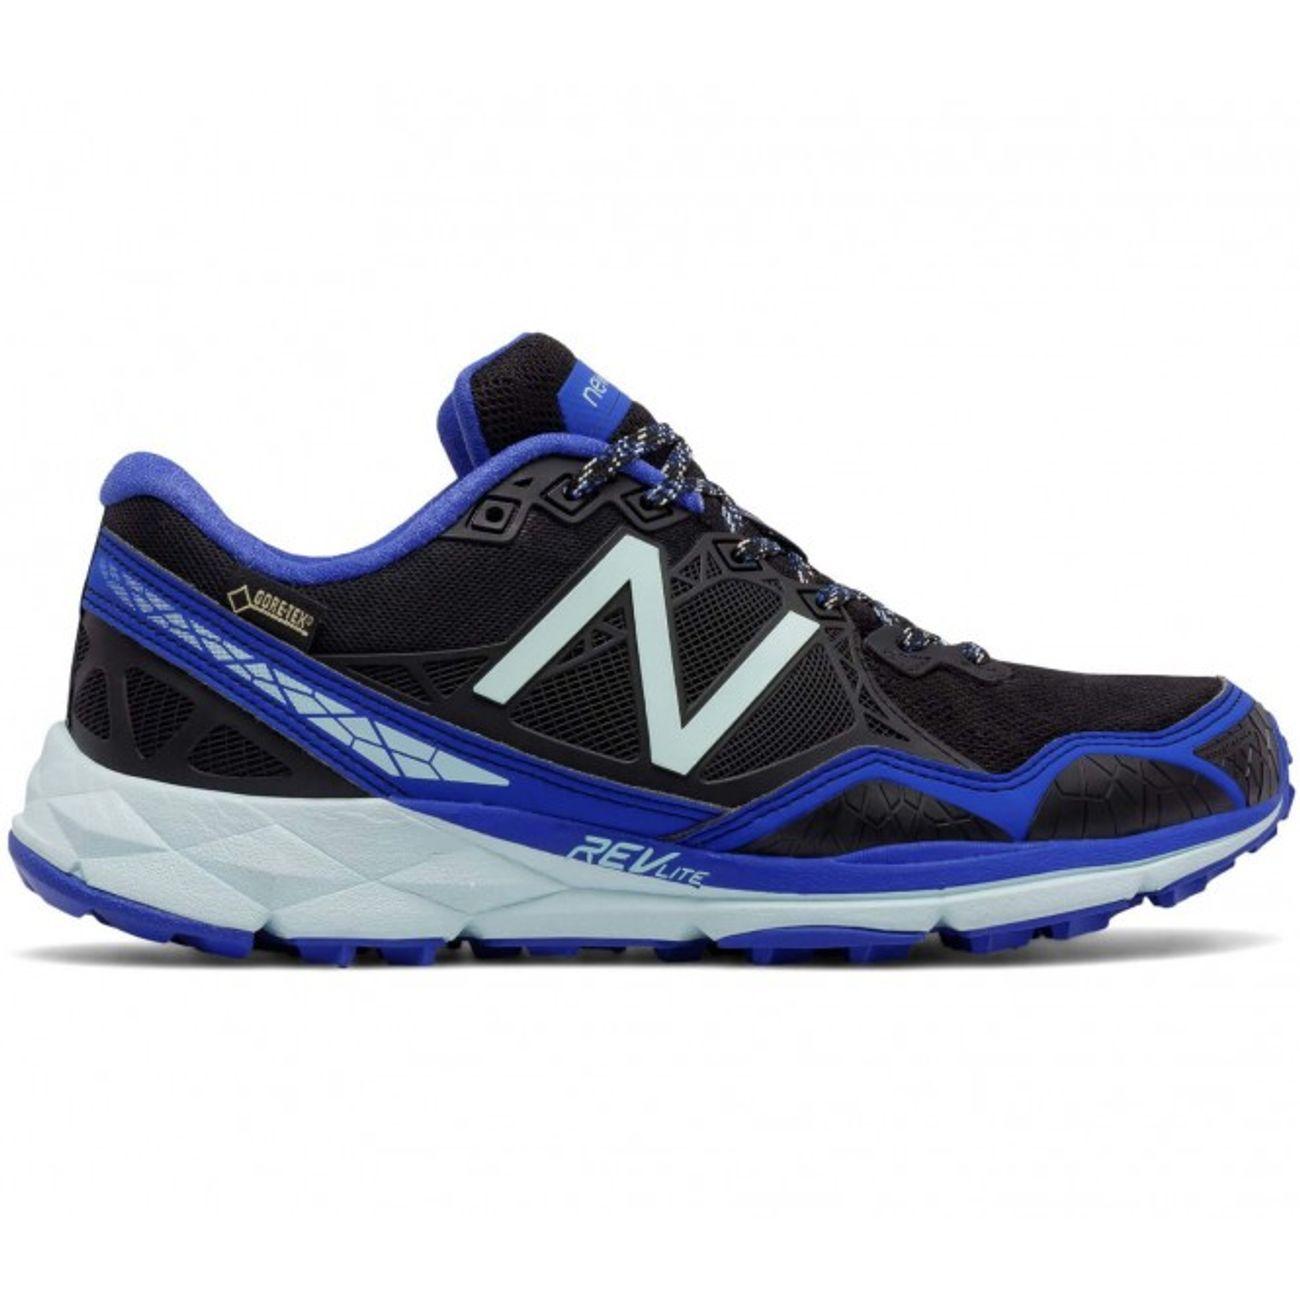 noirbleu Pour Running De 910 New Balance Femmes Chaussures 7xqZwU0B